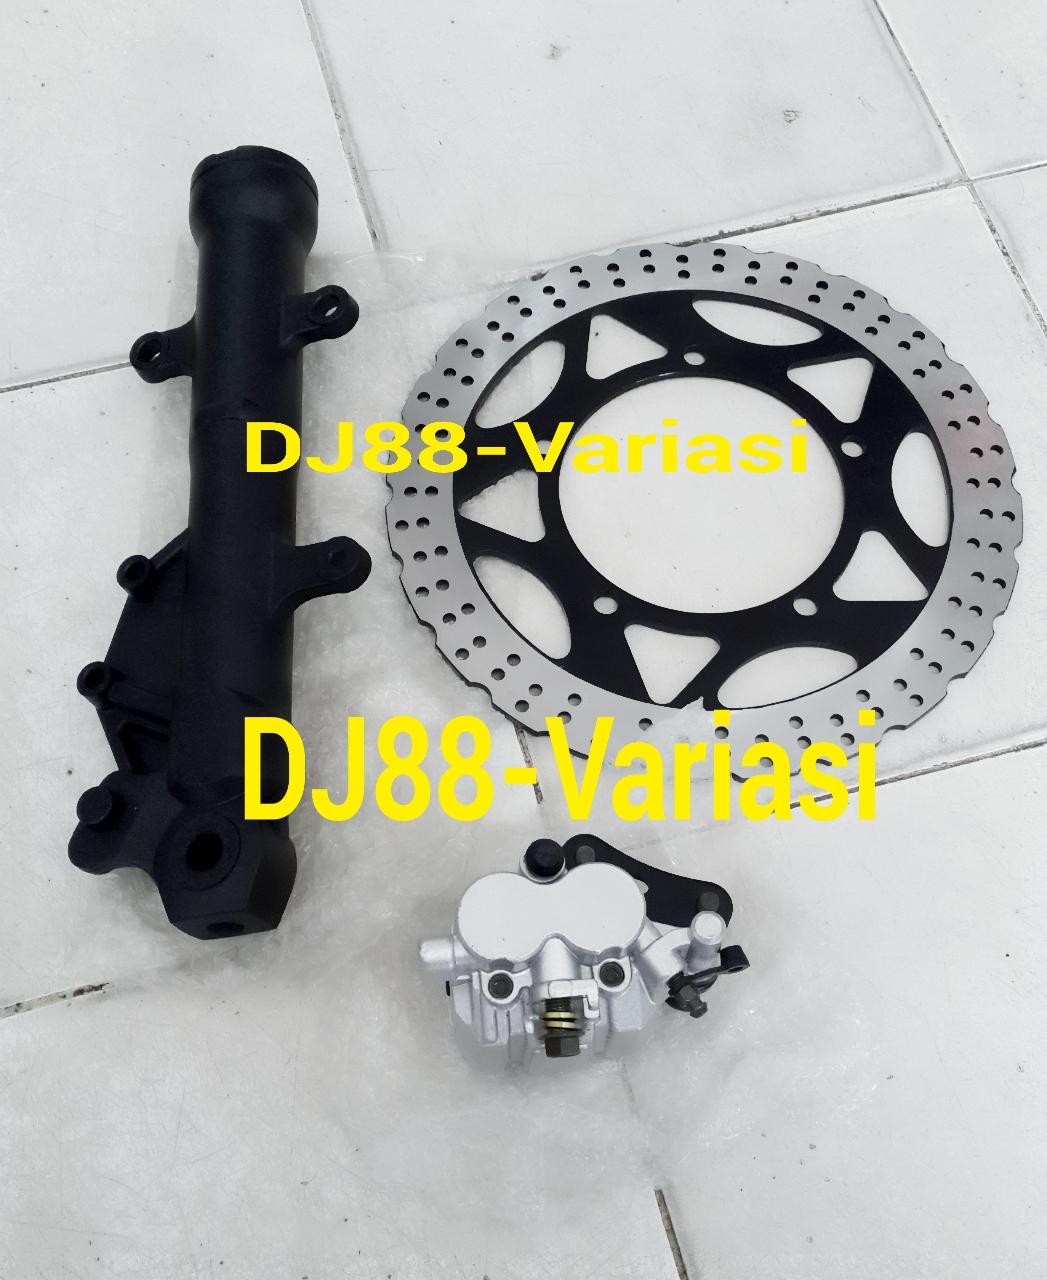 Dj88 Variasi Toko Aksesories Terlengkap Dan Terpercaya Se Indonesia Dudukan Plat Nomor N Max Paket Double Disc Tabung Shock Kiri Kaliper Depan Cakram Ninja 250 Fi Z250 Rubah Velg Standard Jadi